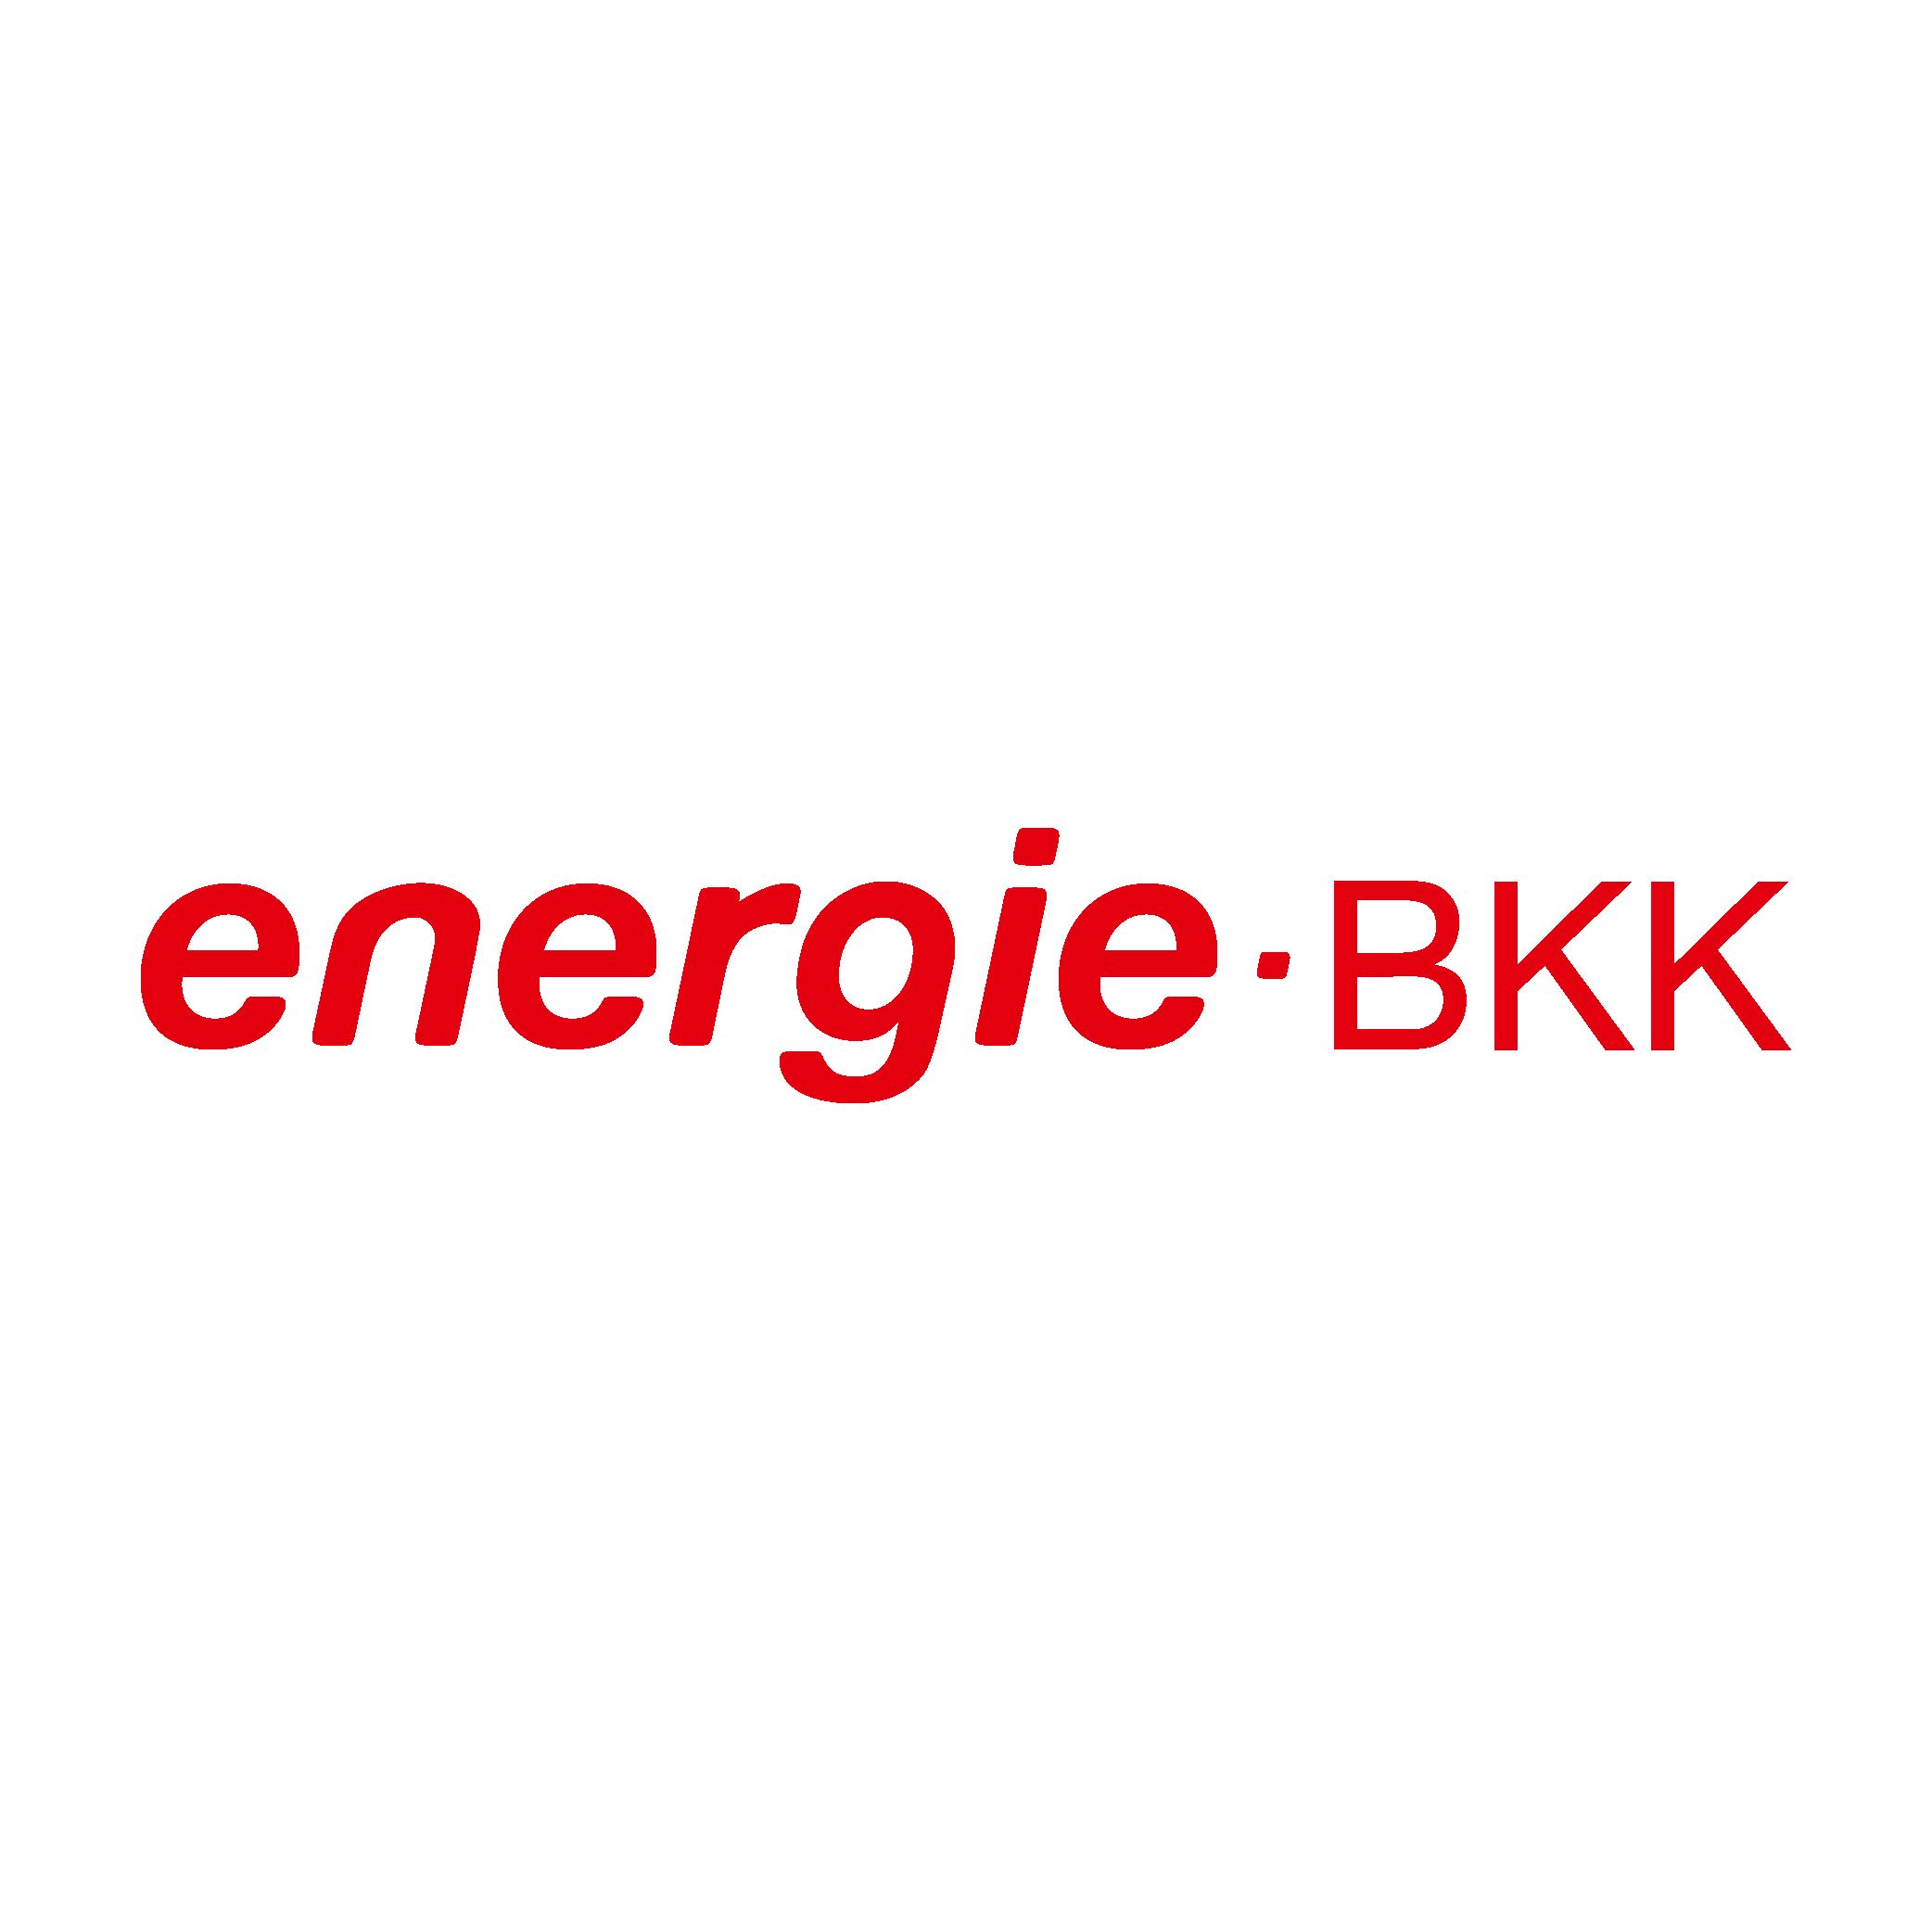 Markenzeichen der energie-BKK